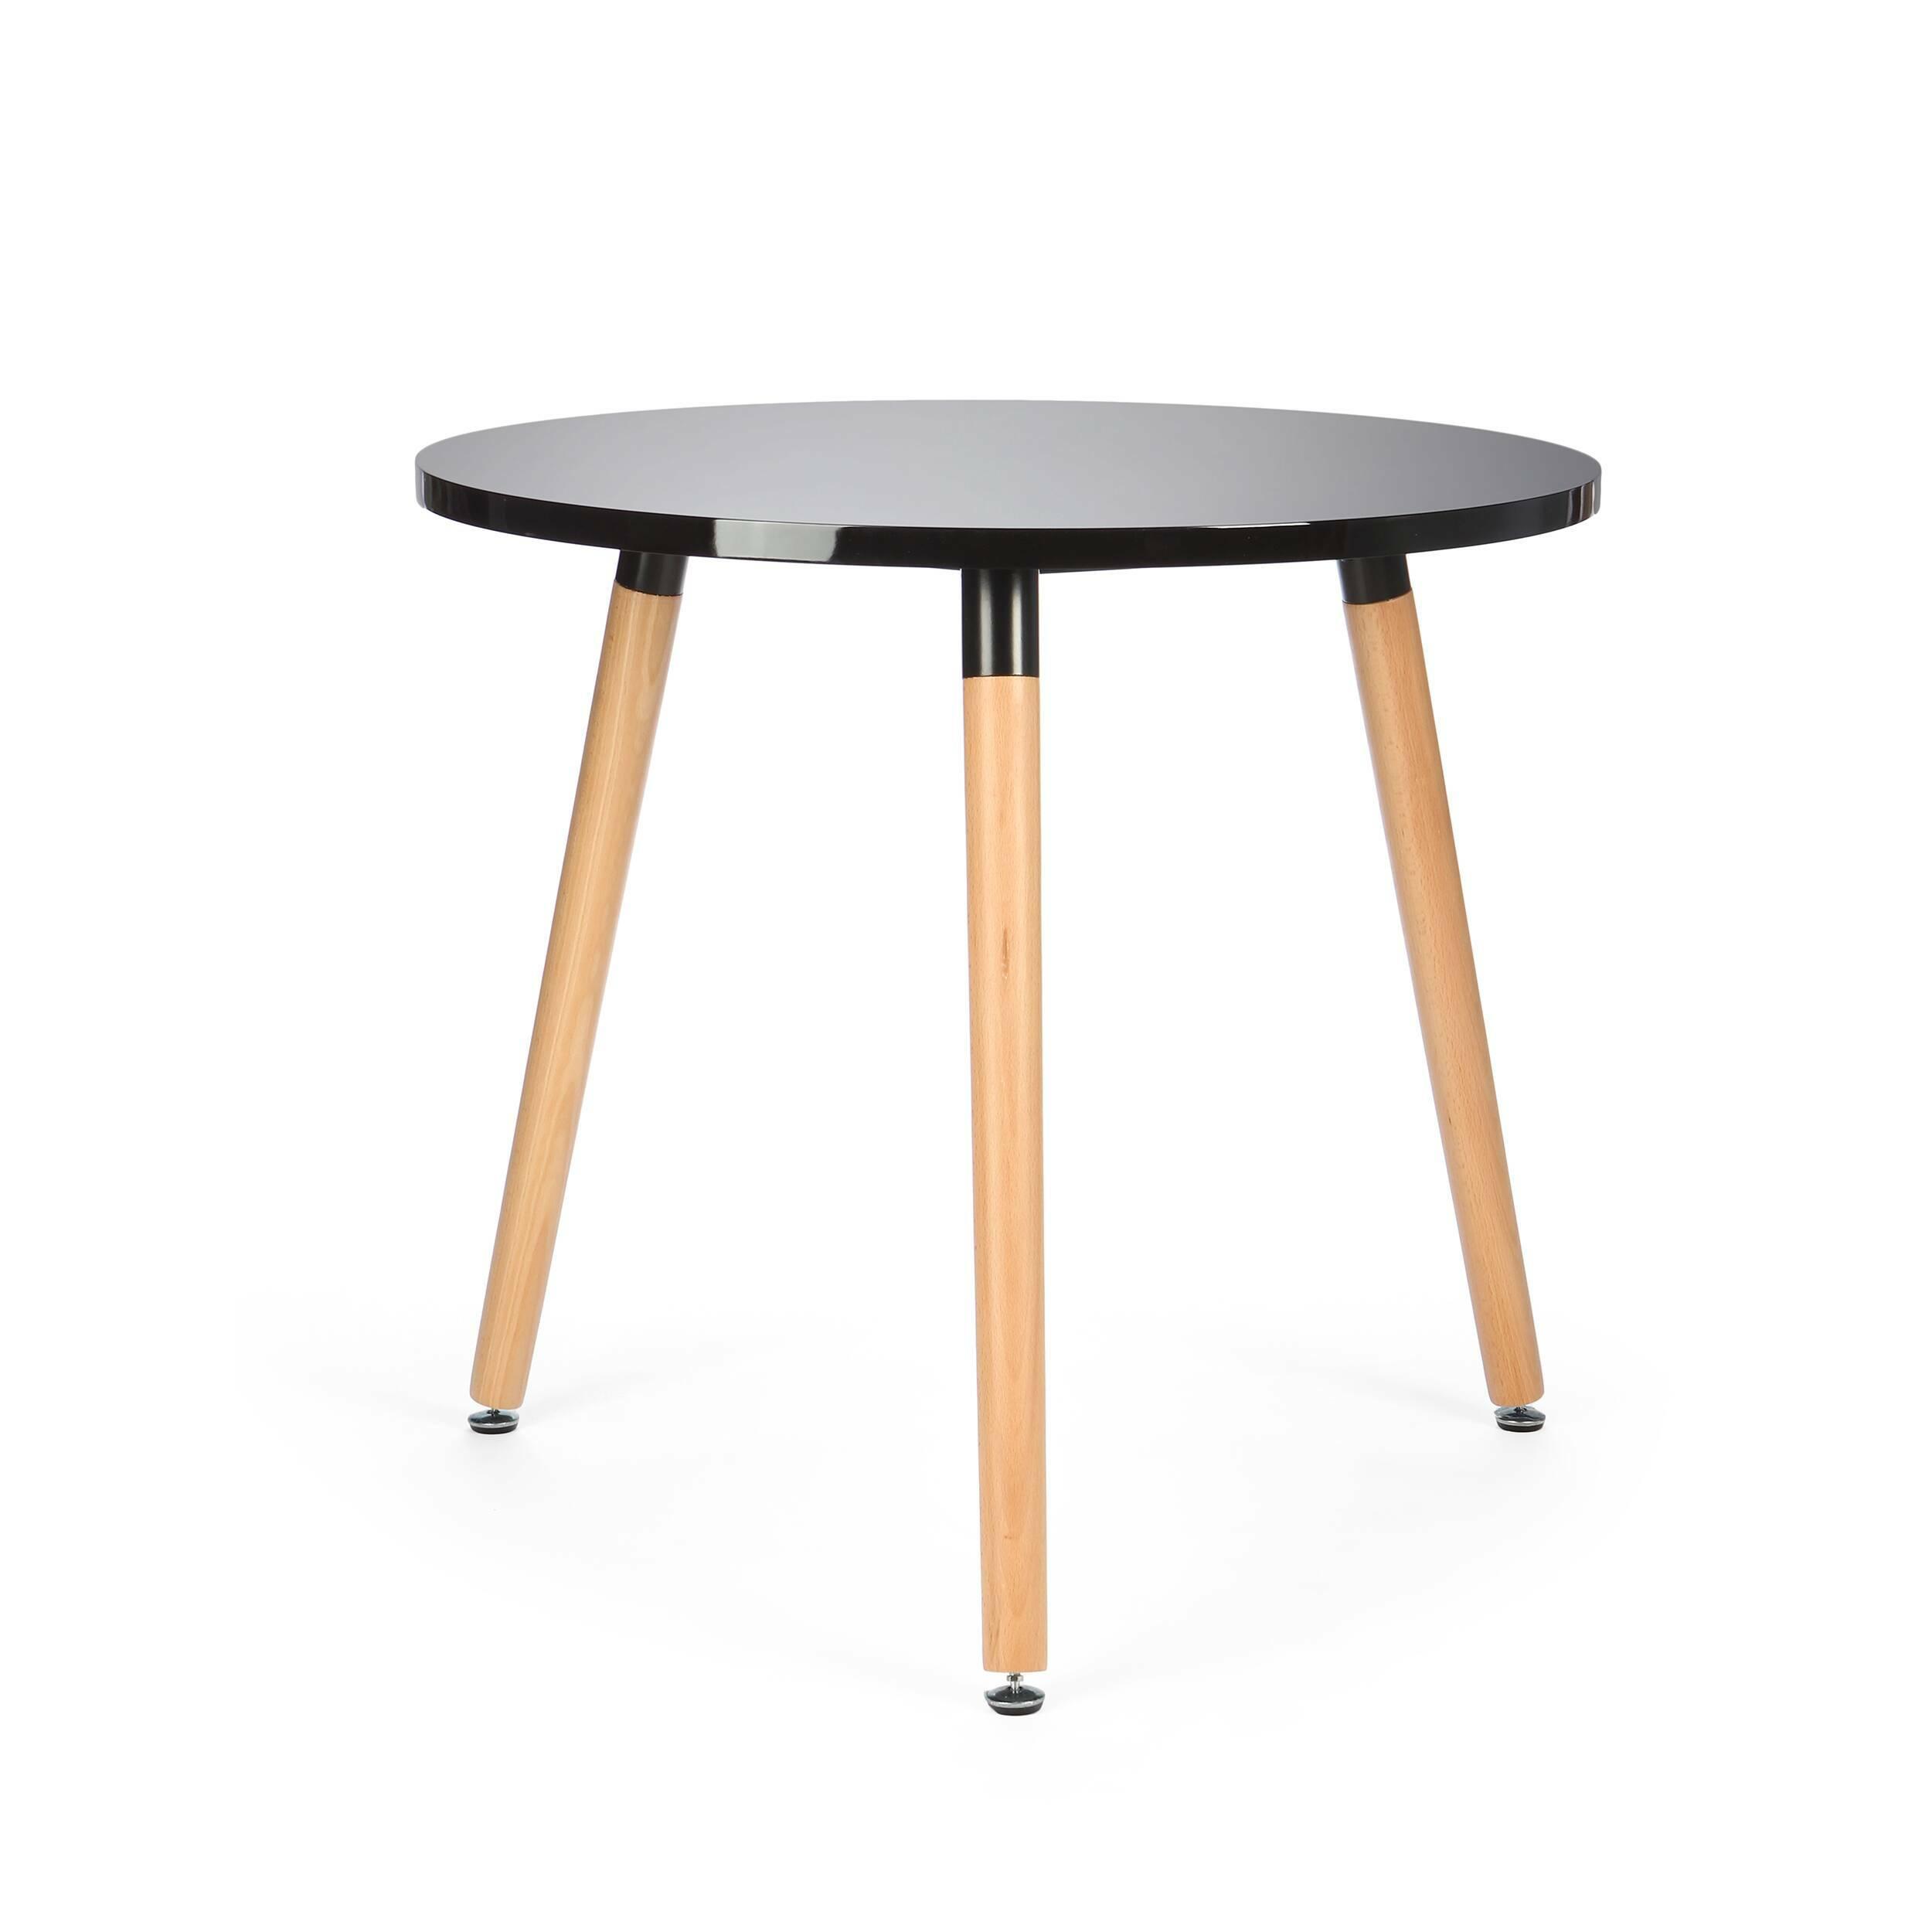 Alvorlig Обеденный стол Flexa купить в интернет-магазине дизайнерской SW11